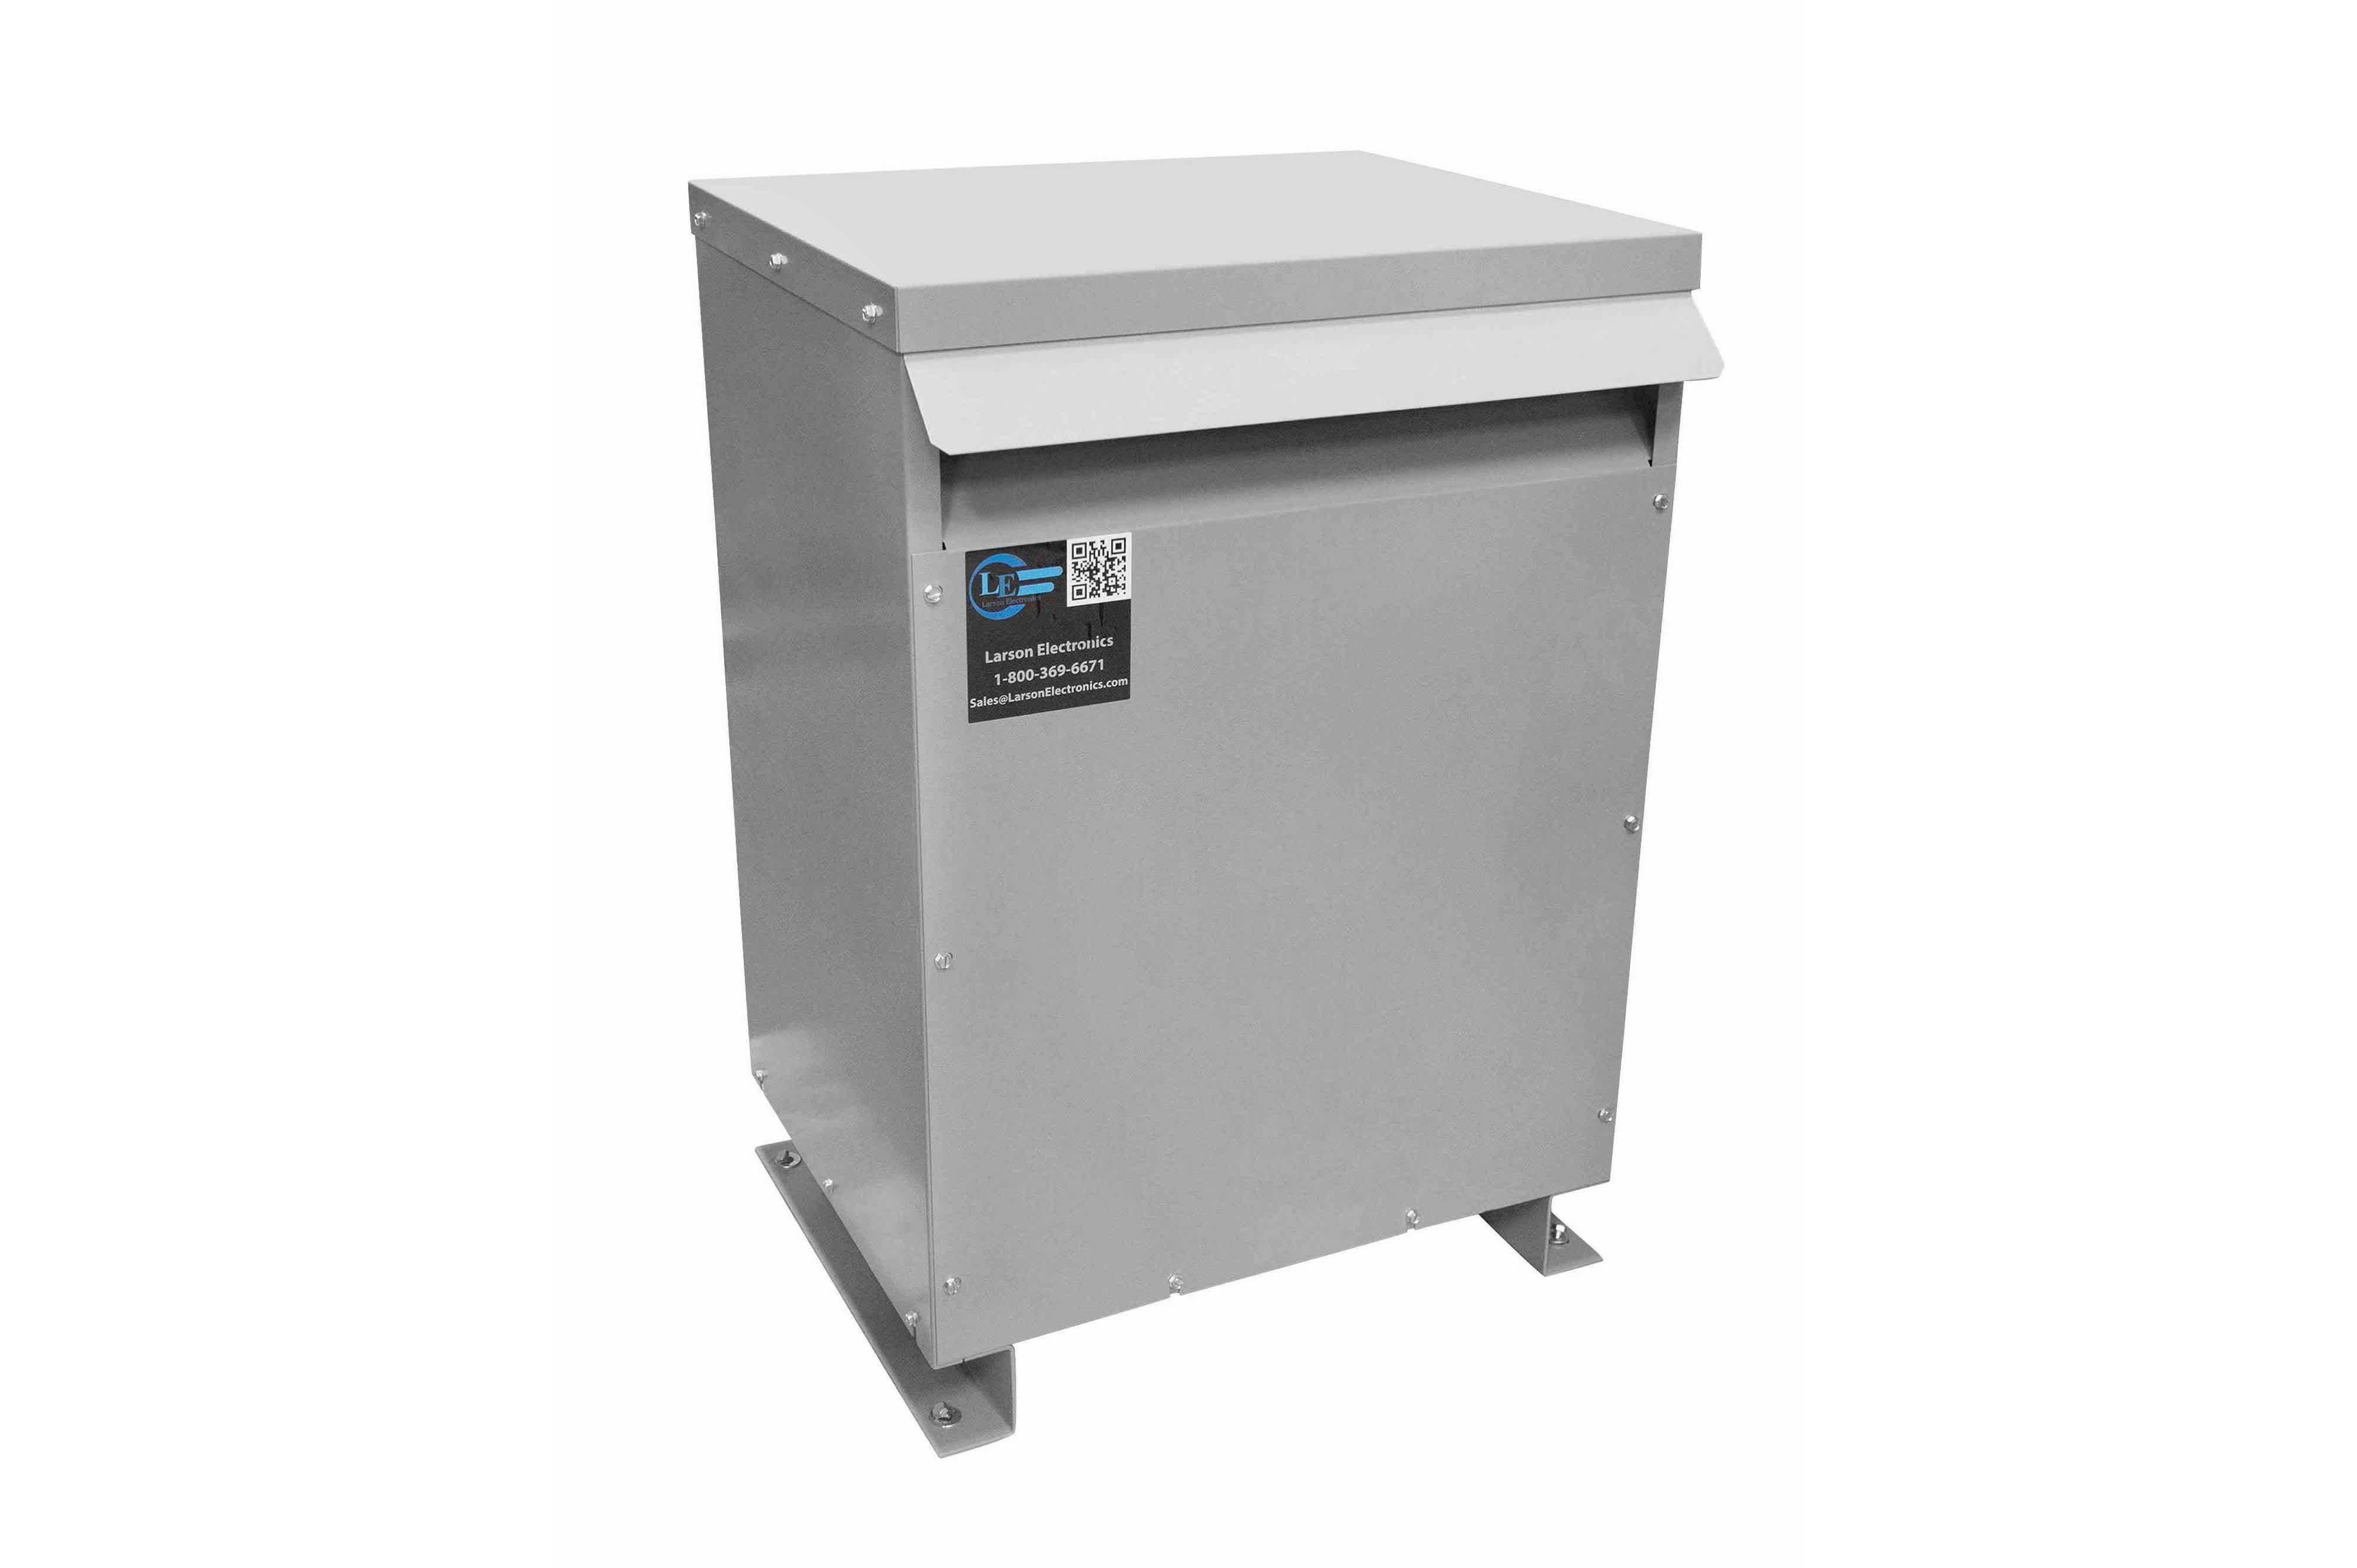 30 kVA 3PH DOE Transformer, 440V Delta Primary, 240V/120 Delta Secondary, N3R, Ventilated, 60 Hz